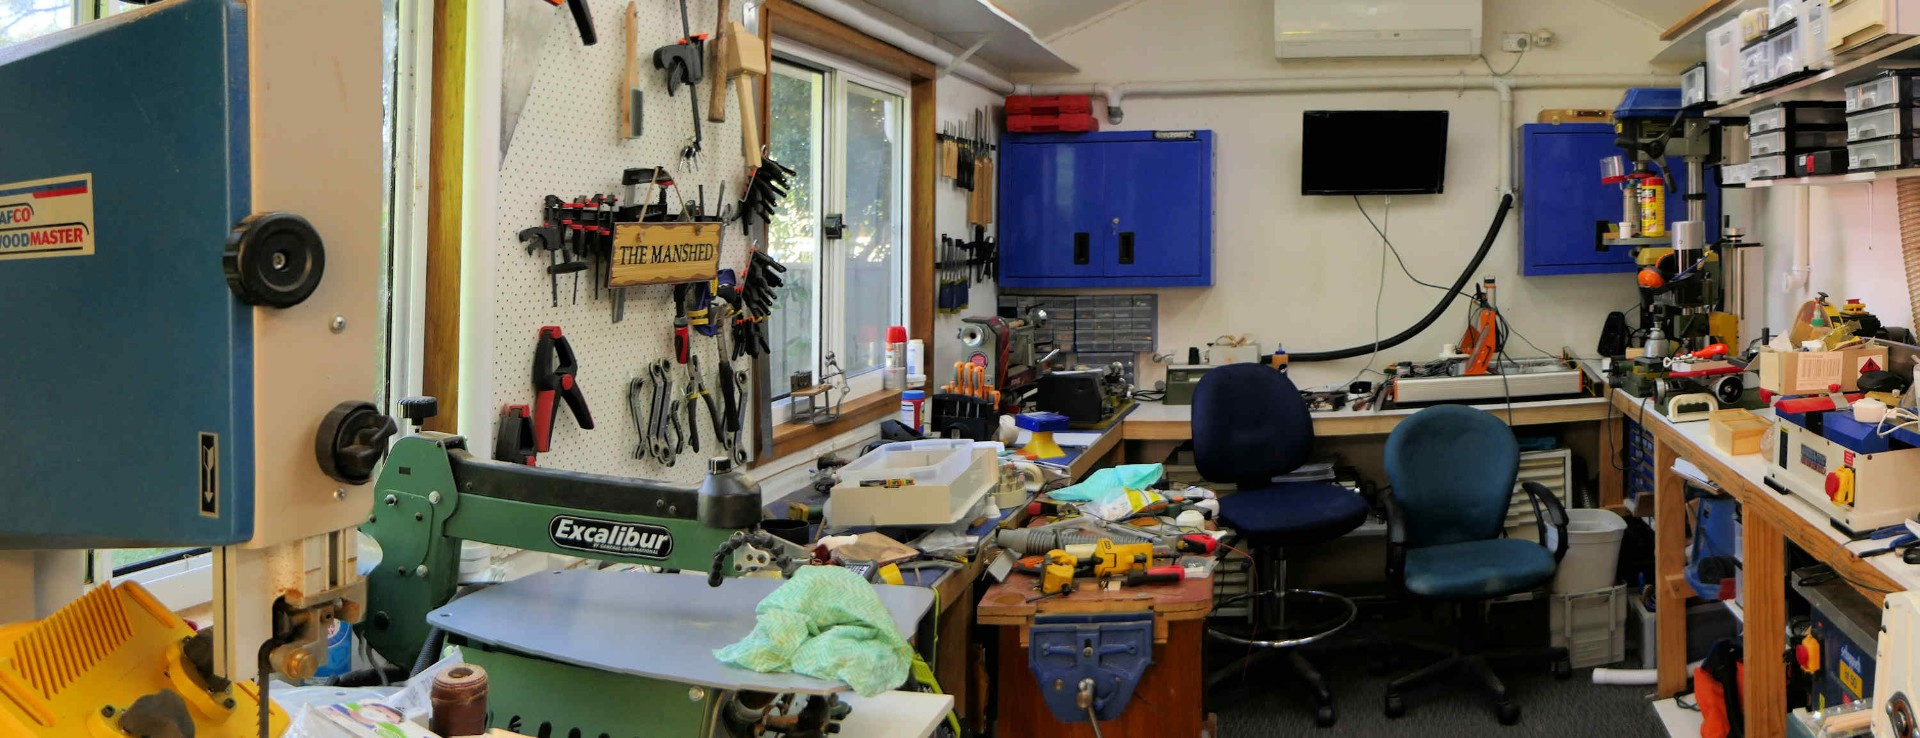 Workshop 080520.jpg